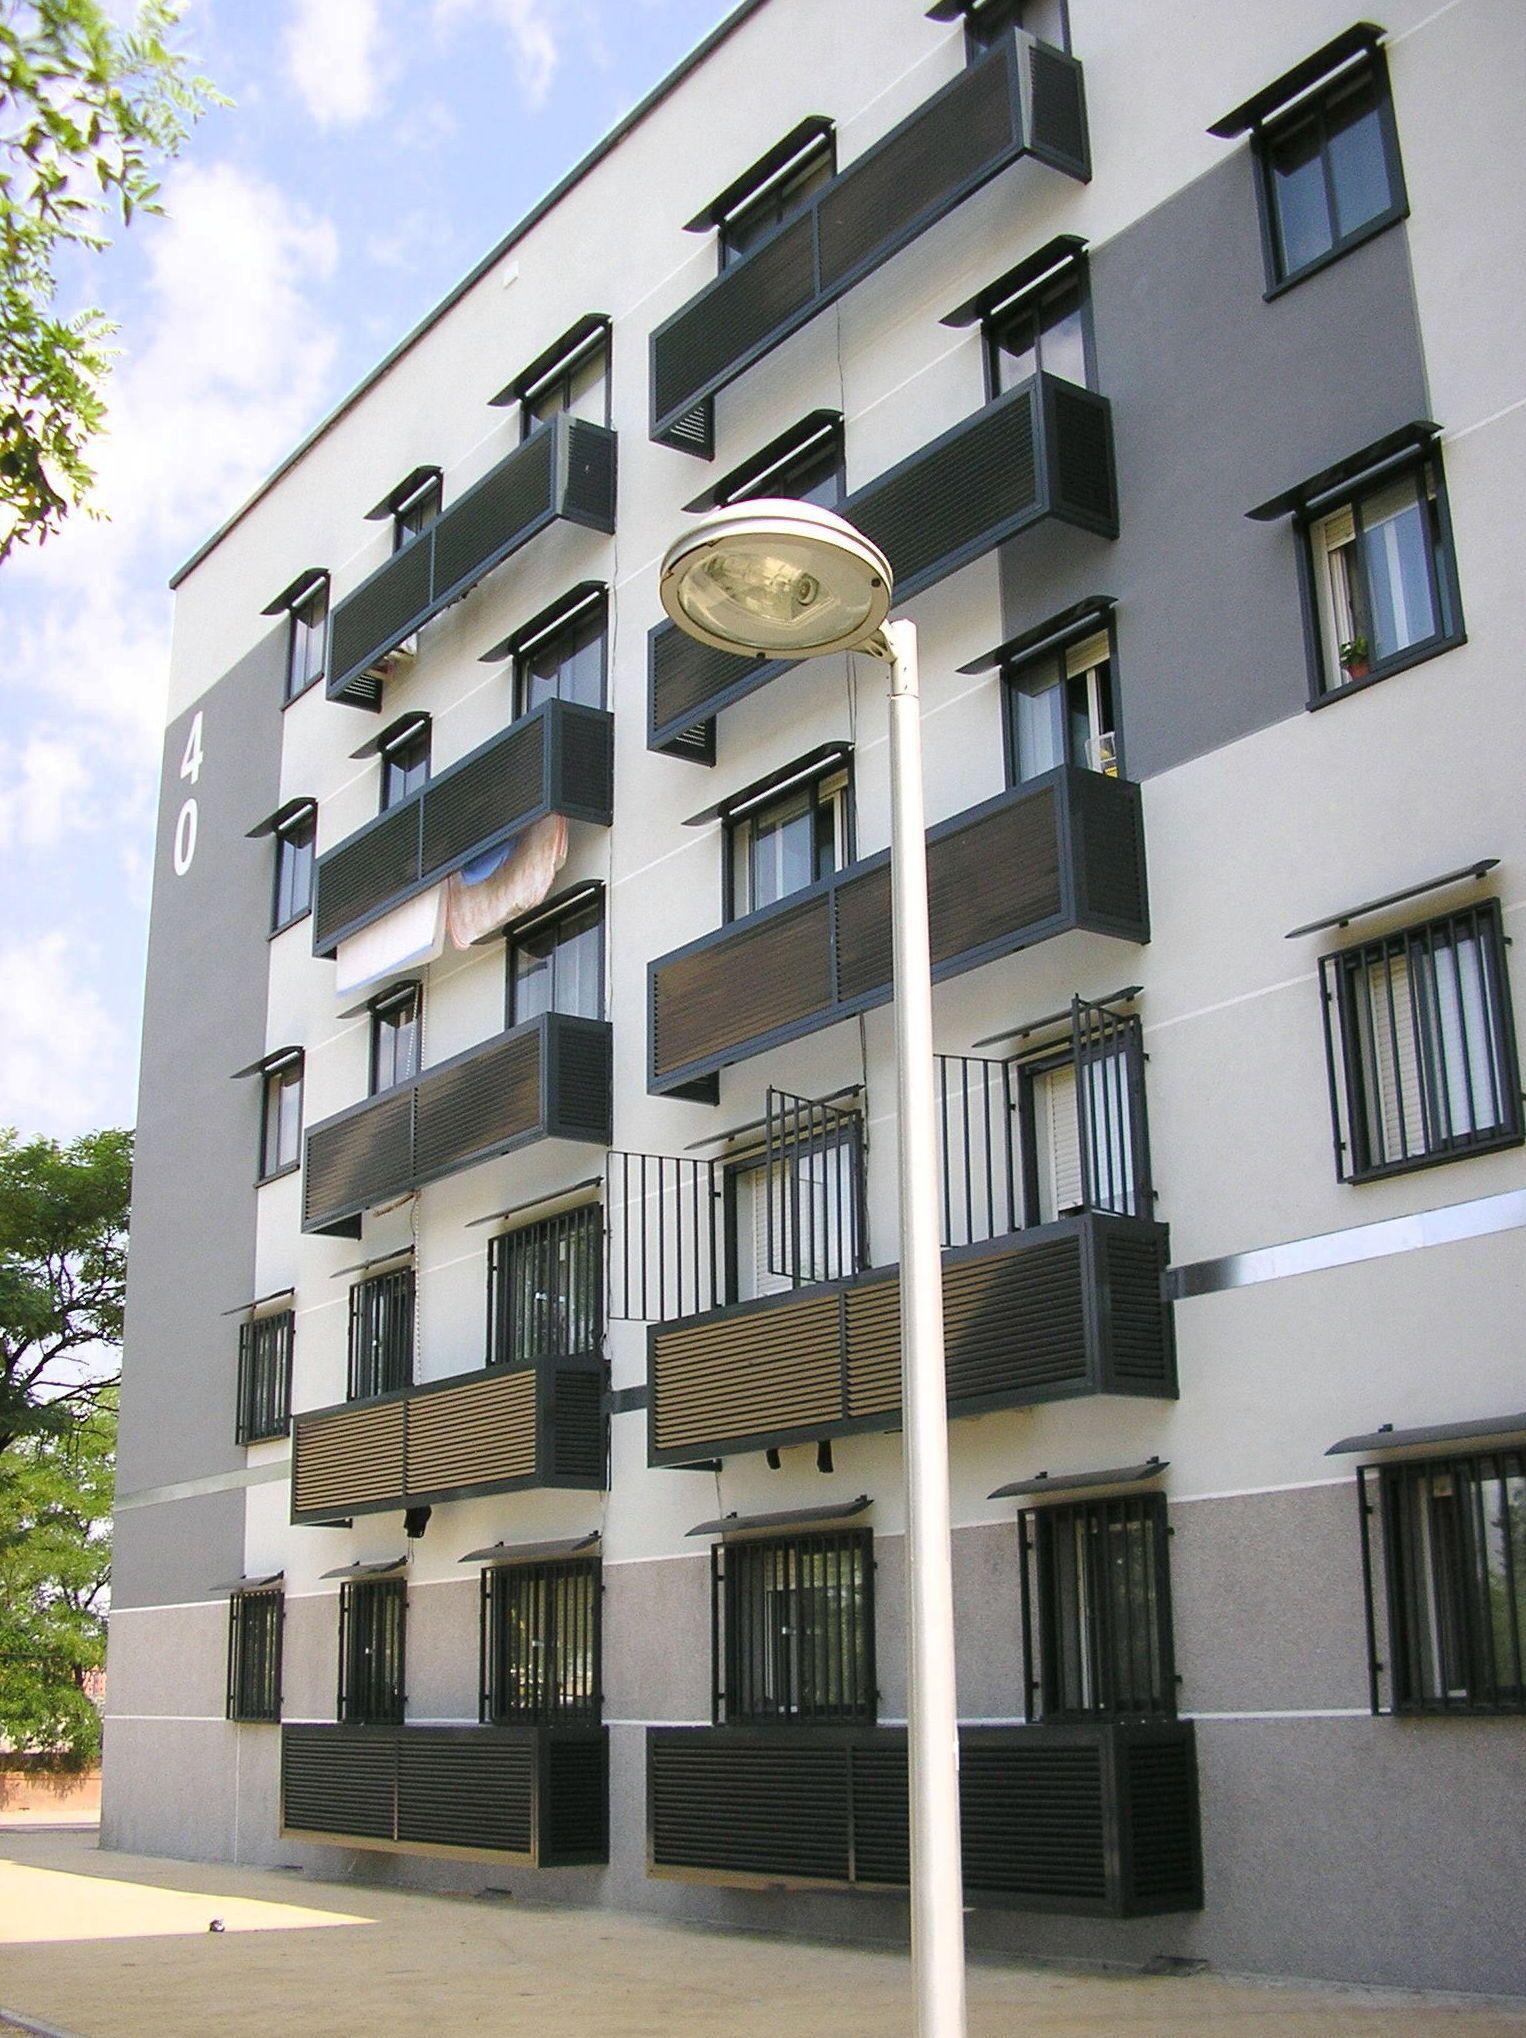 Fachadas de edificios pictures to pin on pinterest pinsdaddy for Fachadas edificios modernos